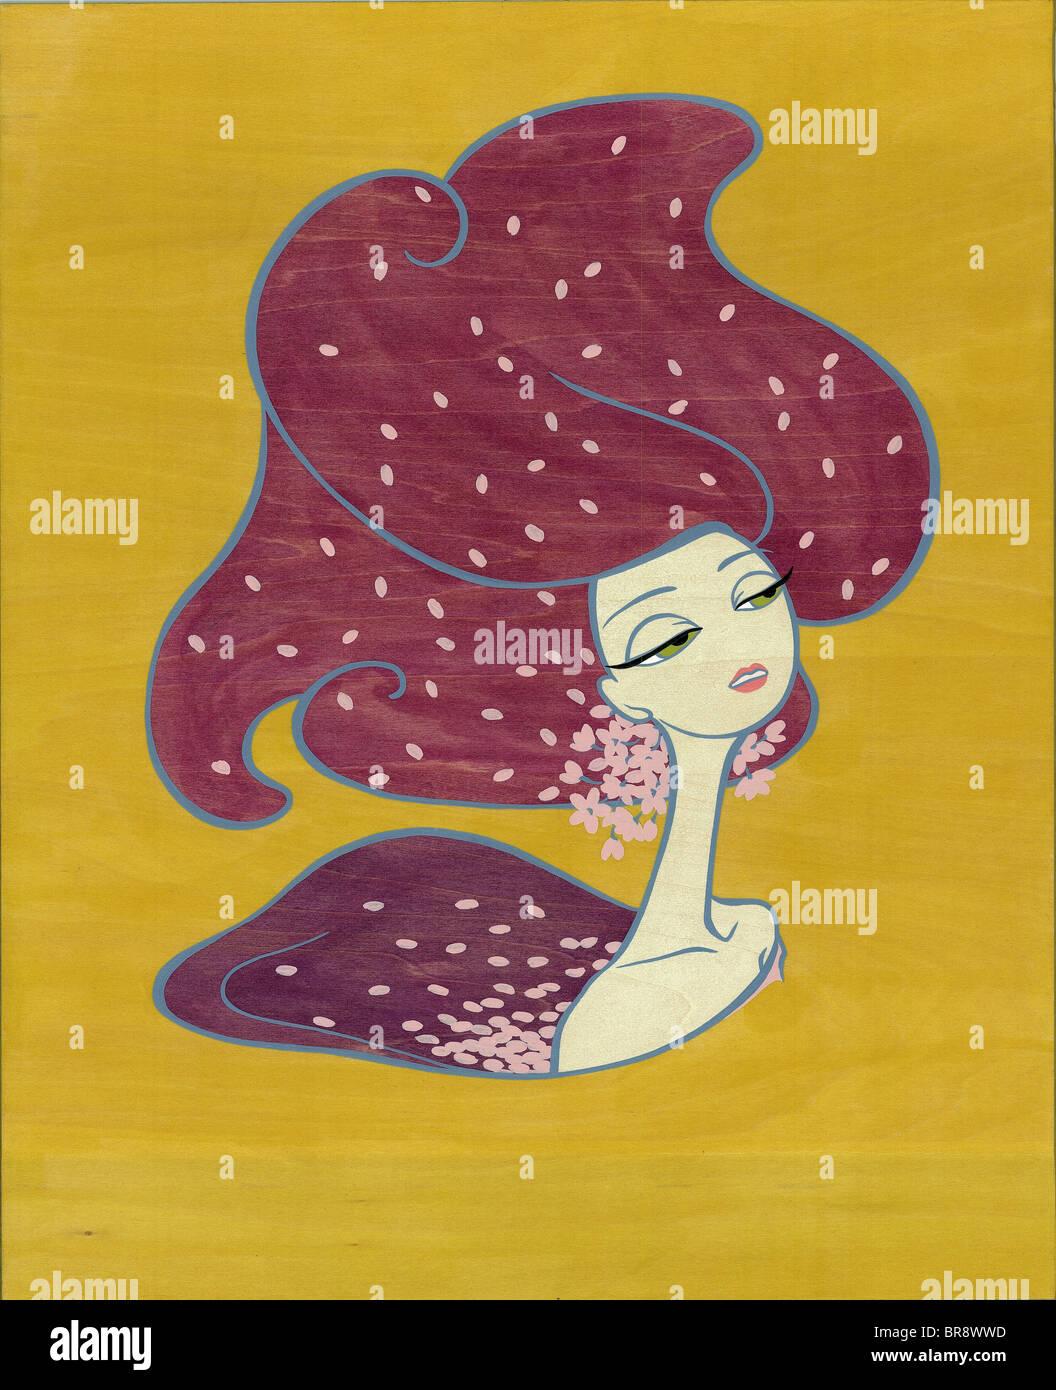 Une peinture sur une toile de bois d'une femme avec des cheveux violet robuste Photo Stock